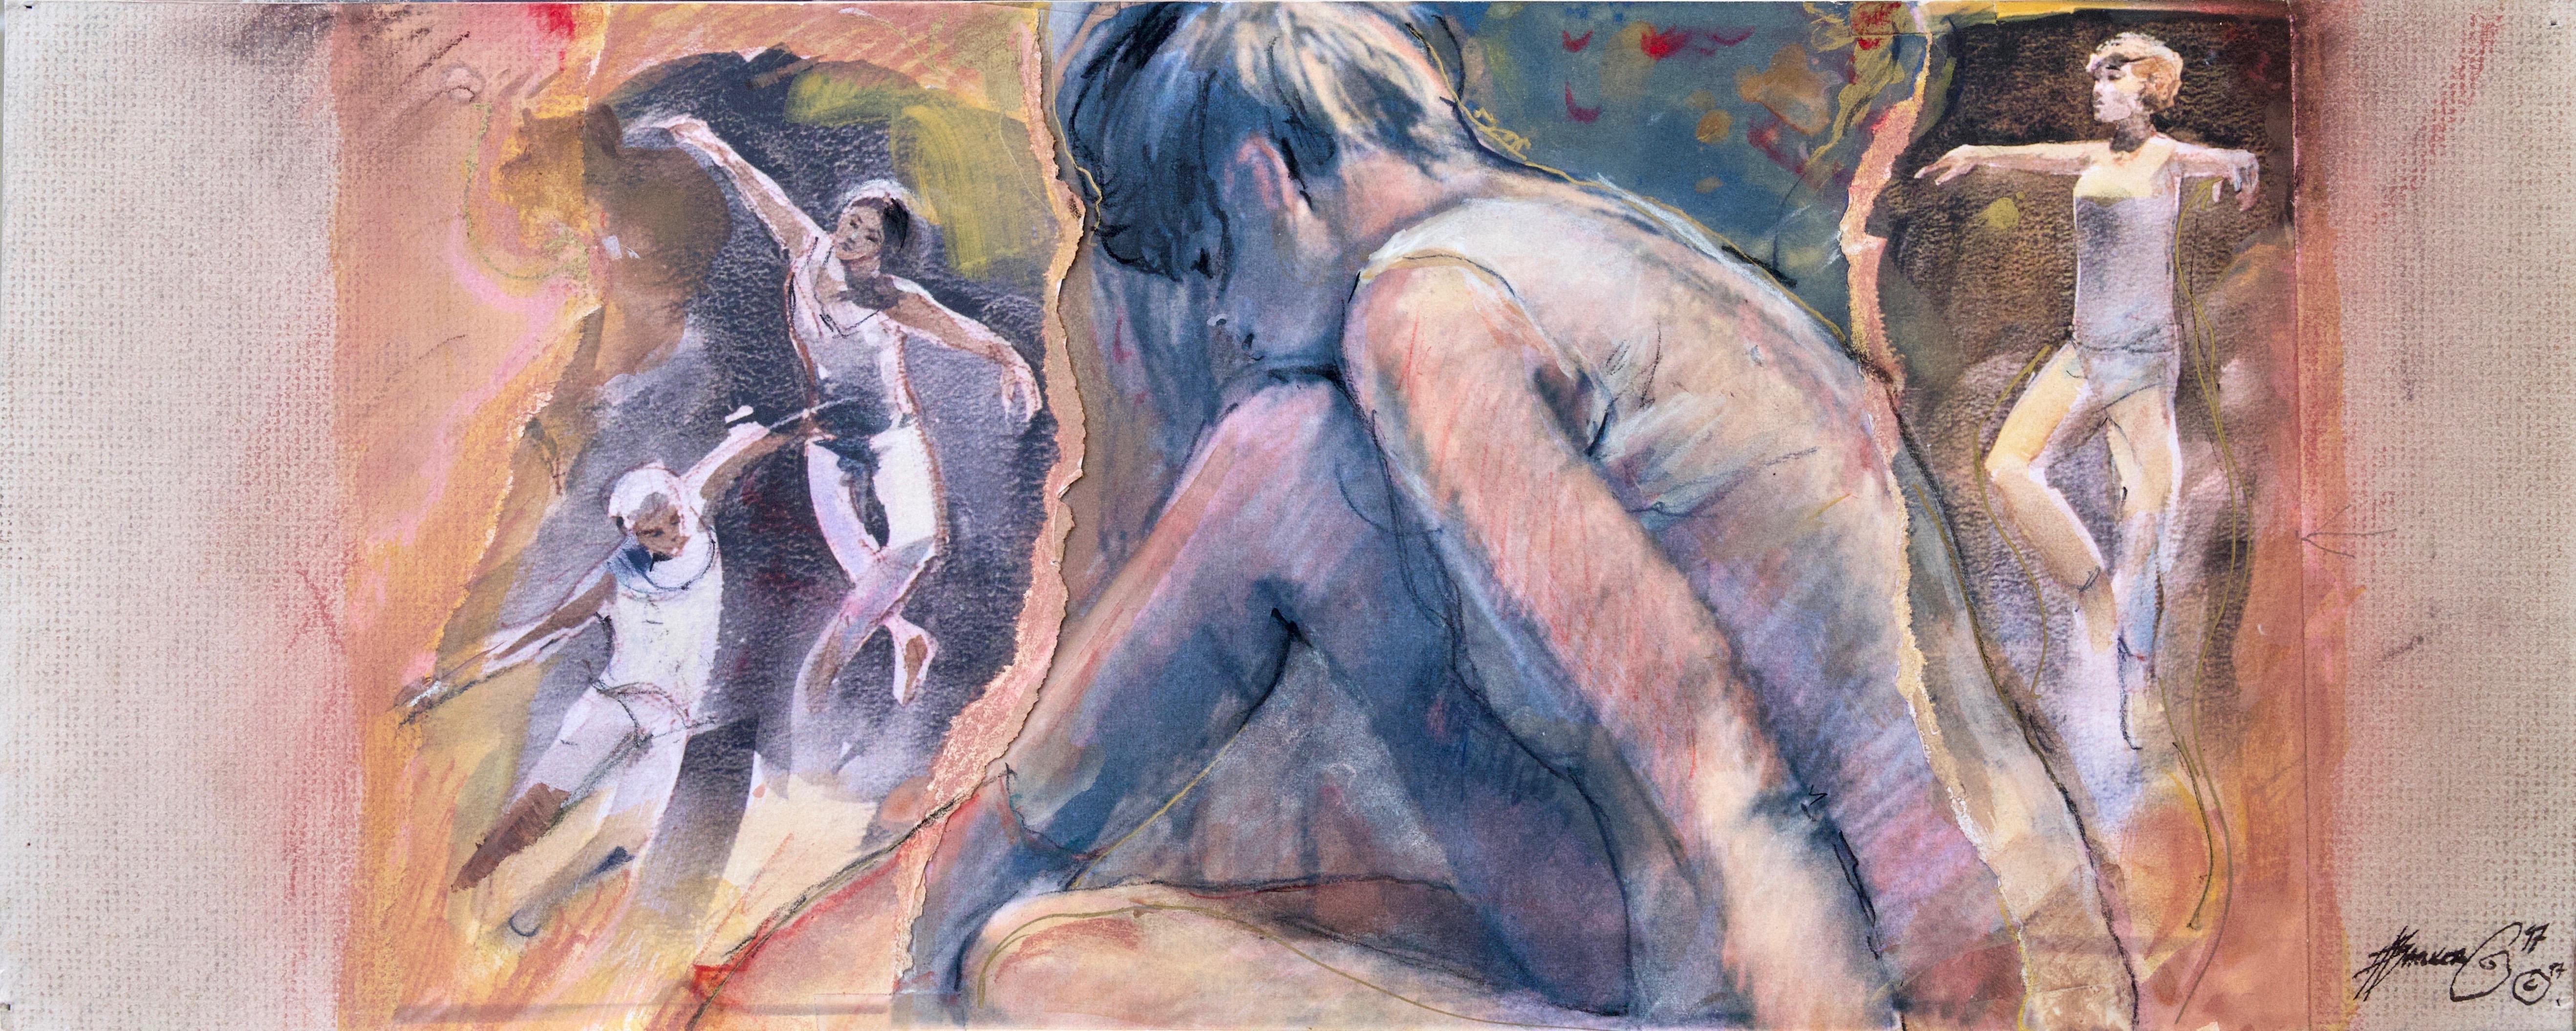 Dancers c.